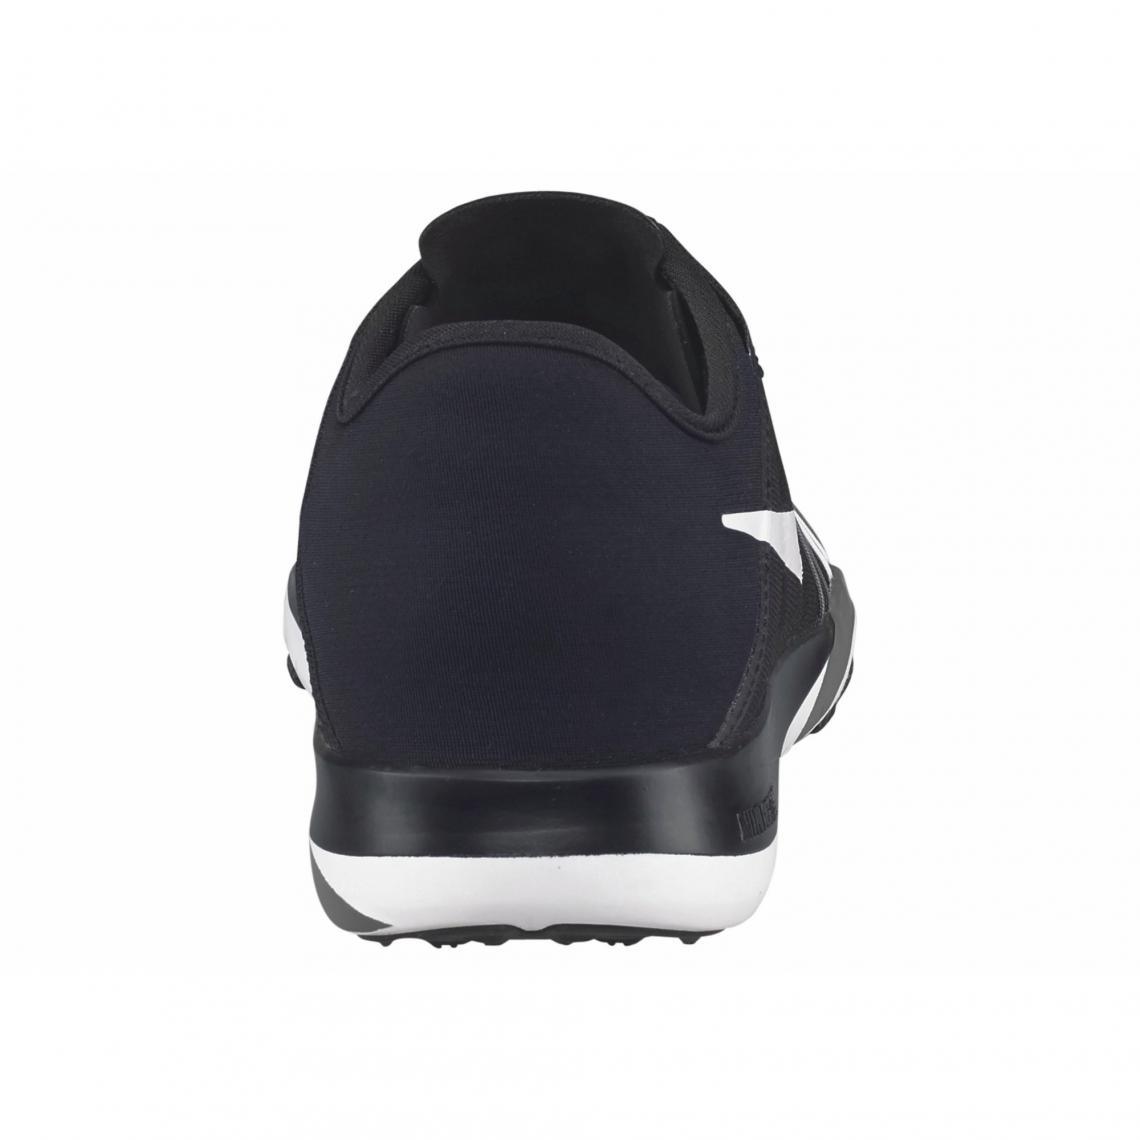 half off 87015 fe1f8 Chaussures de sport Nike Cliquez l image pour l agrandir. Nike Free TR 6  chaussures de training femme - Noir Nike